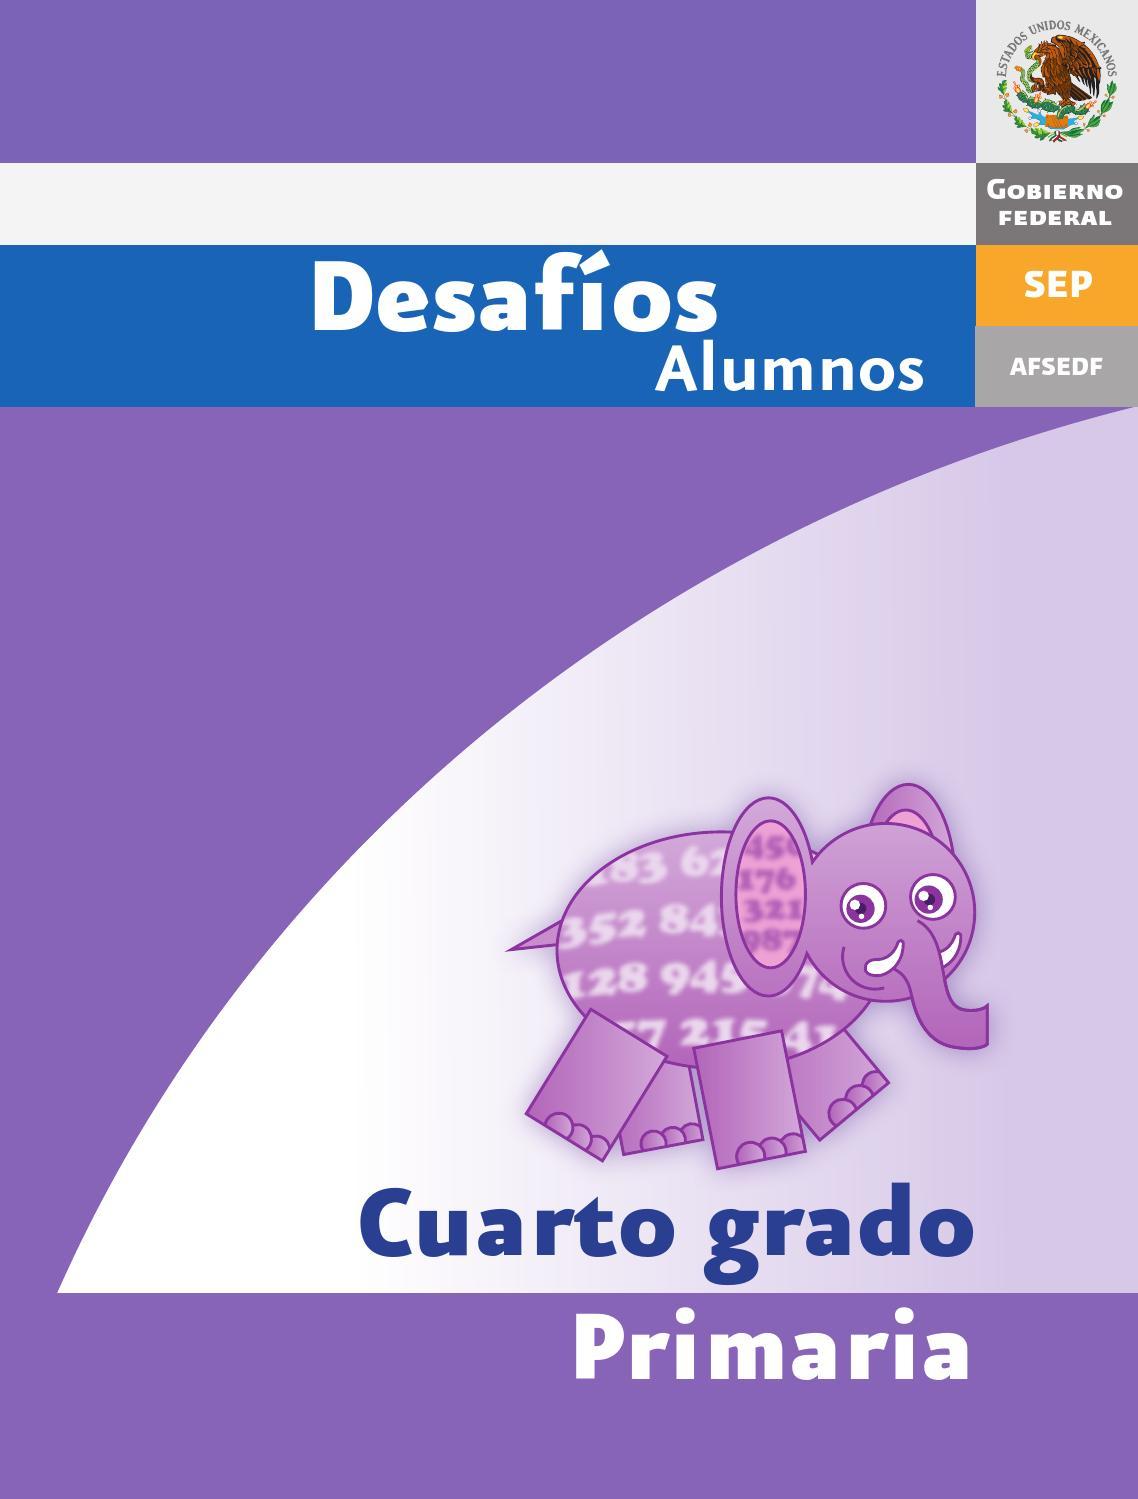 Desafios matematicos alumnos 4 cuarto grado primaria by for Cuarto primaria